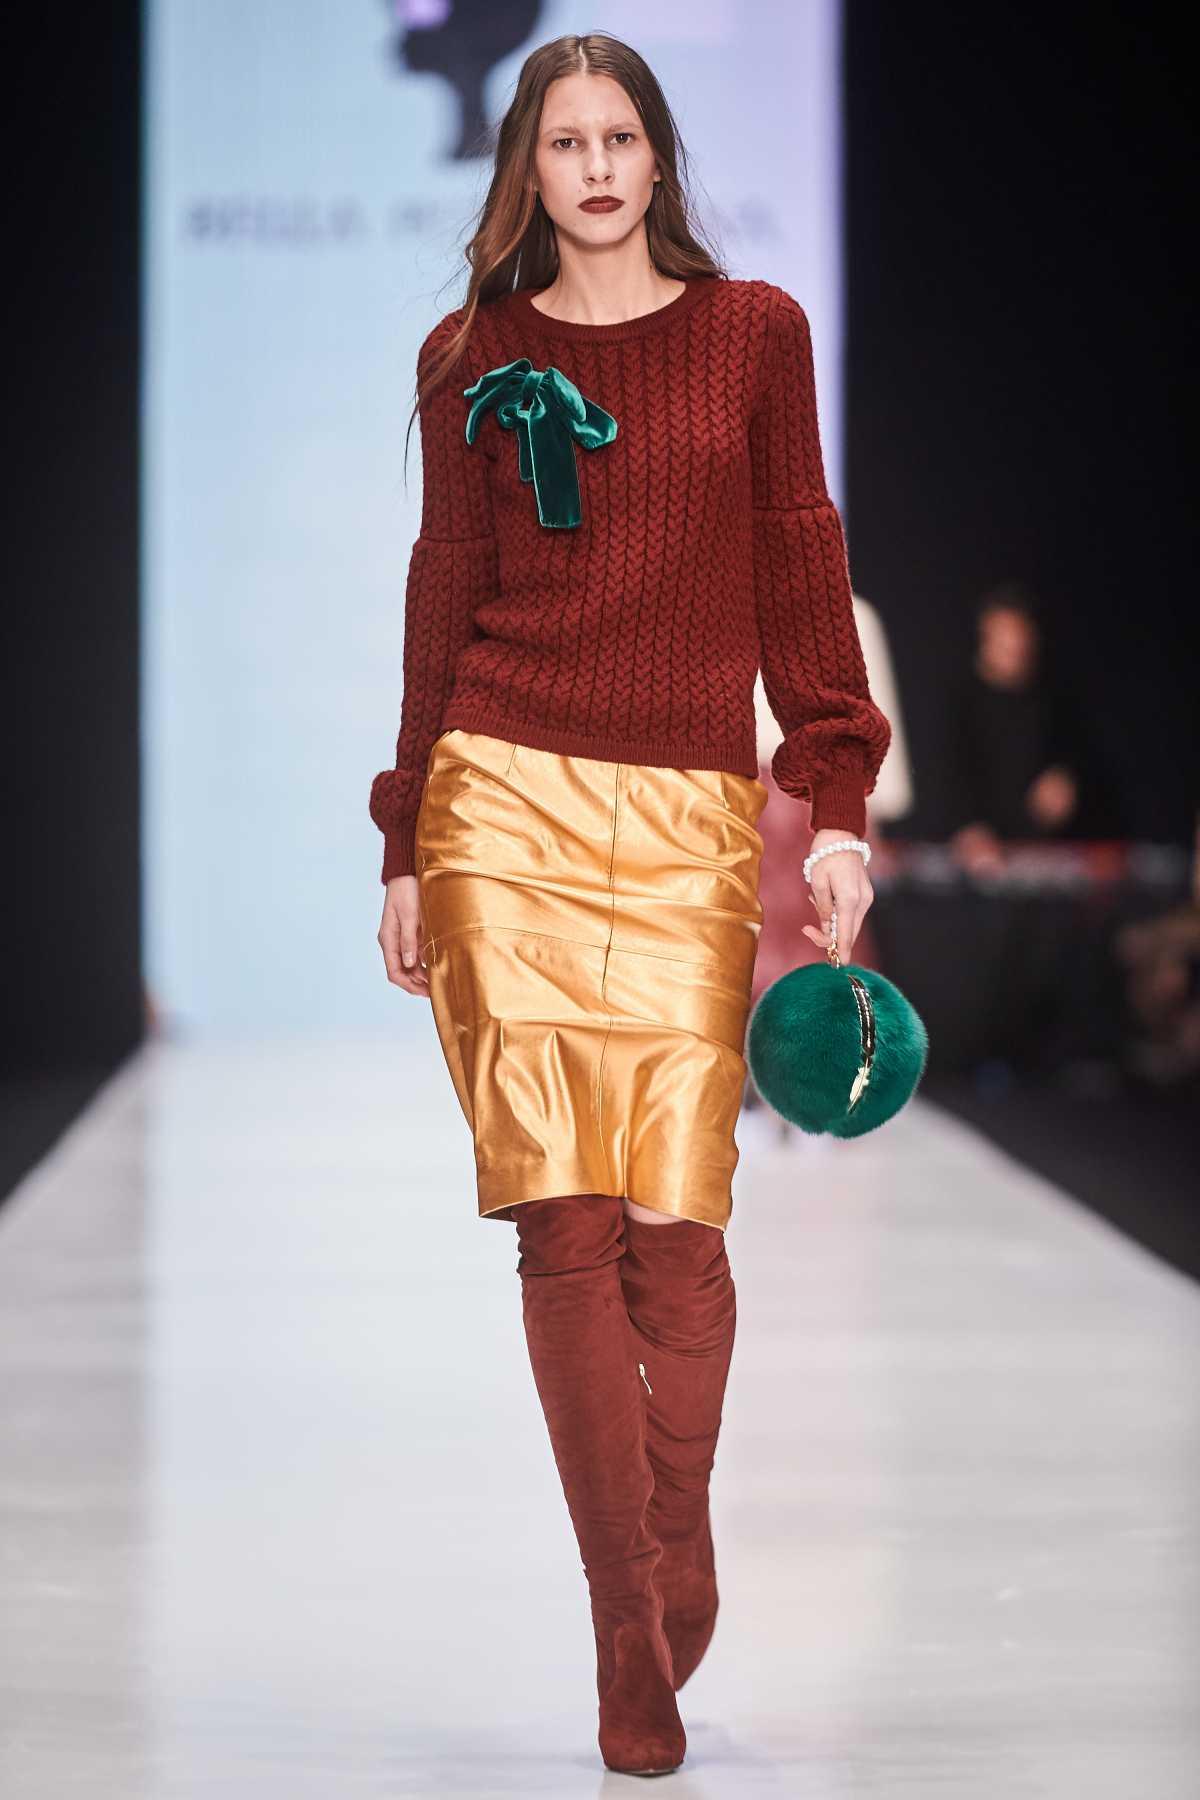 Produção formal com suéter e saia metalizada